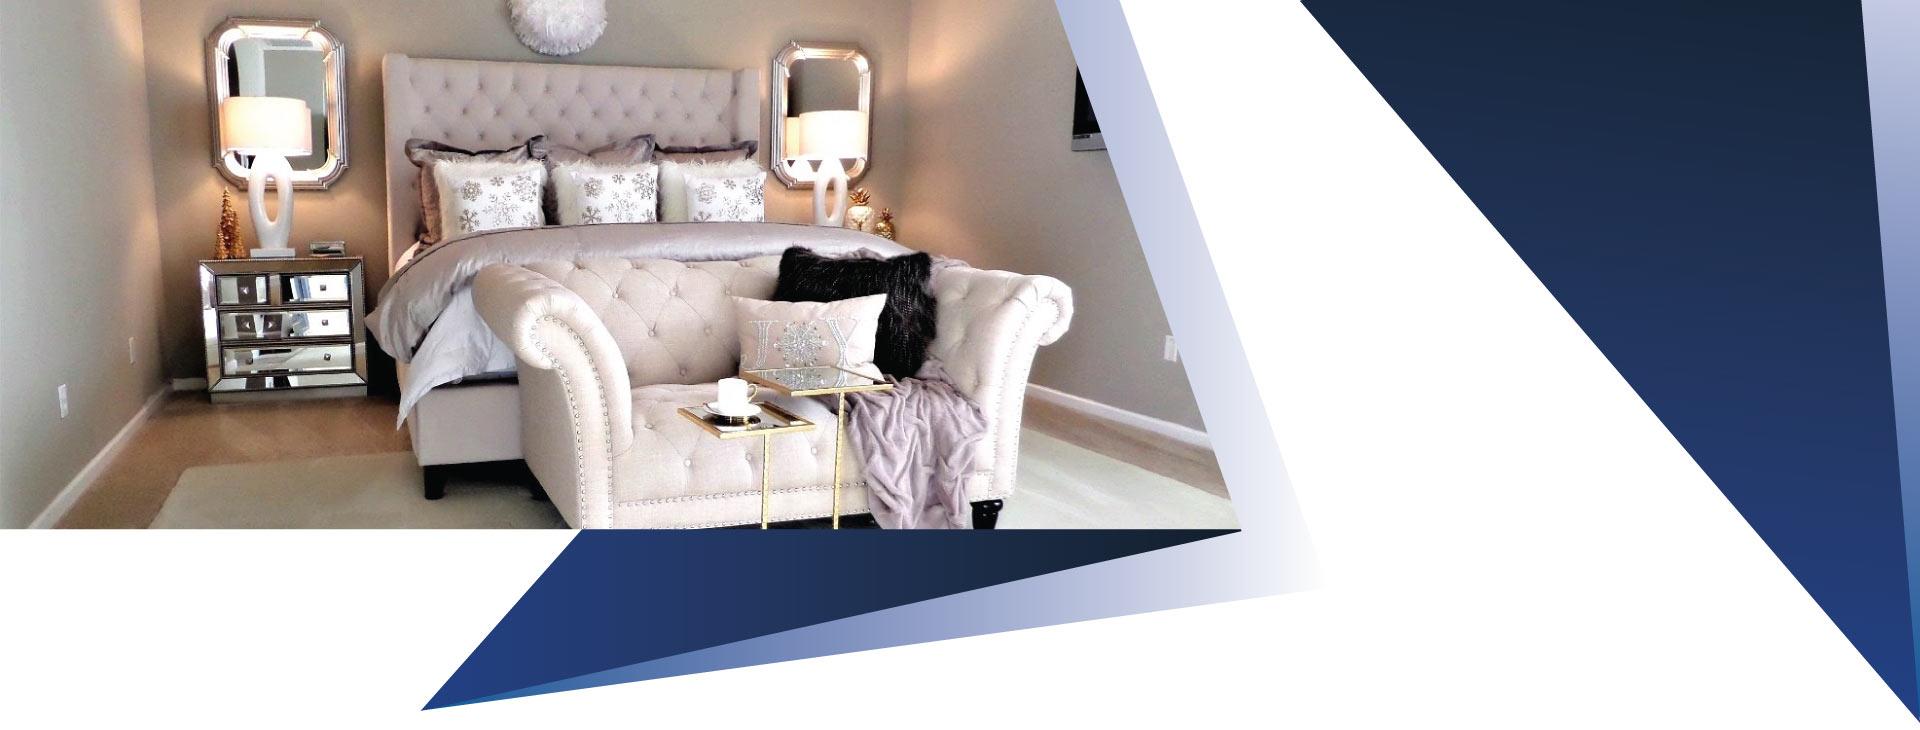 مبلمان در طراحی اتاق خواب مستر